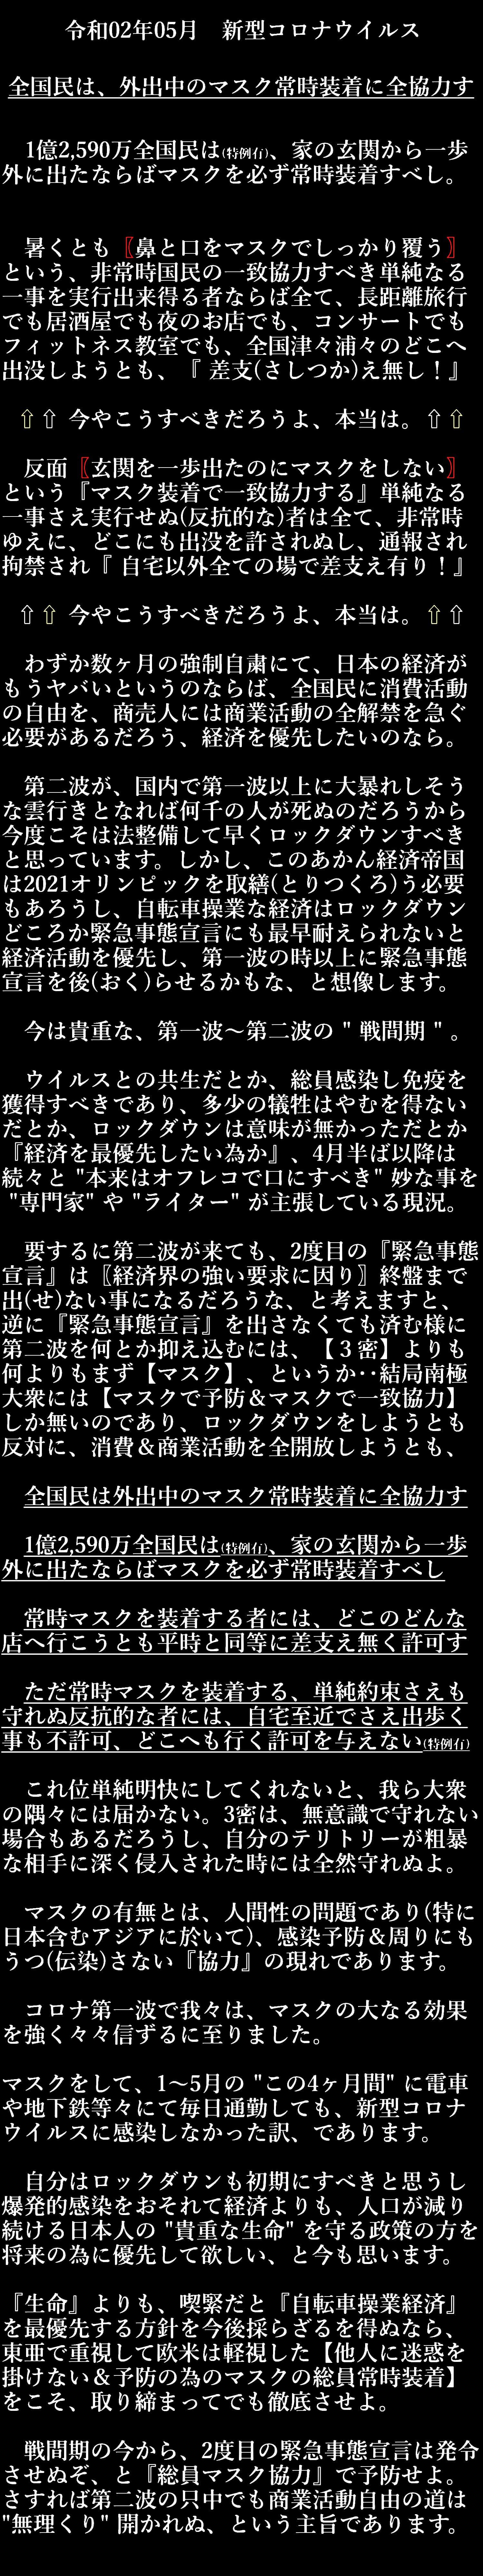 f:id:oomoroitakugoro:2020053018104070bj:plain